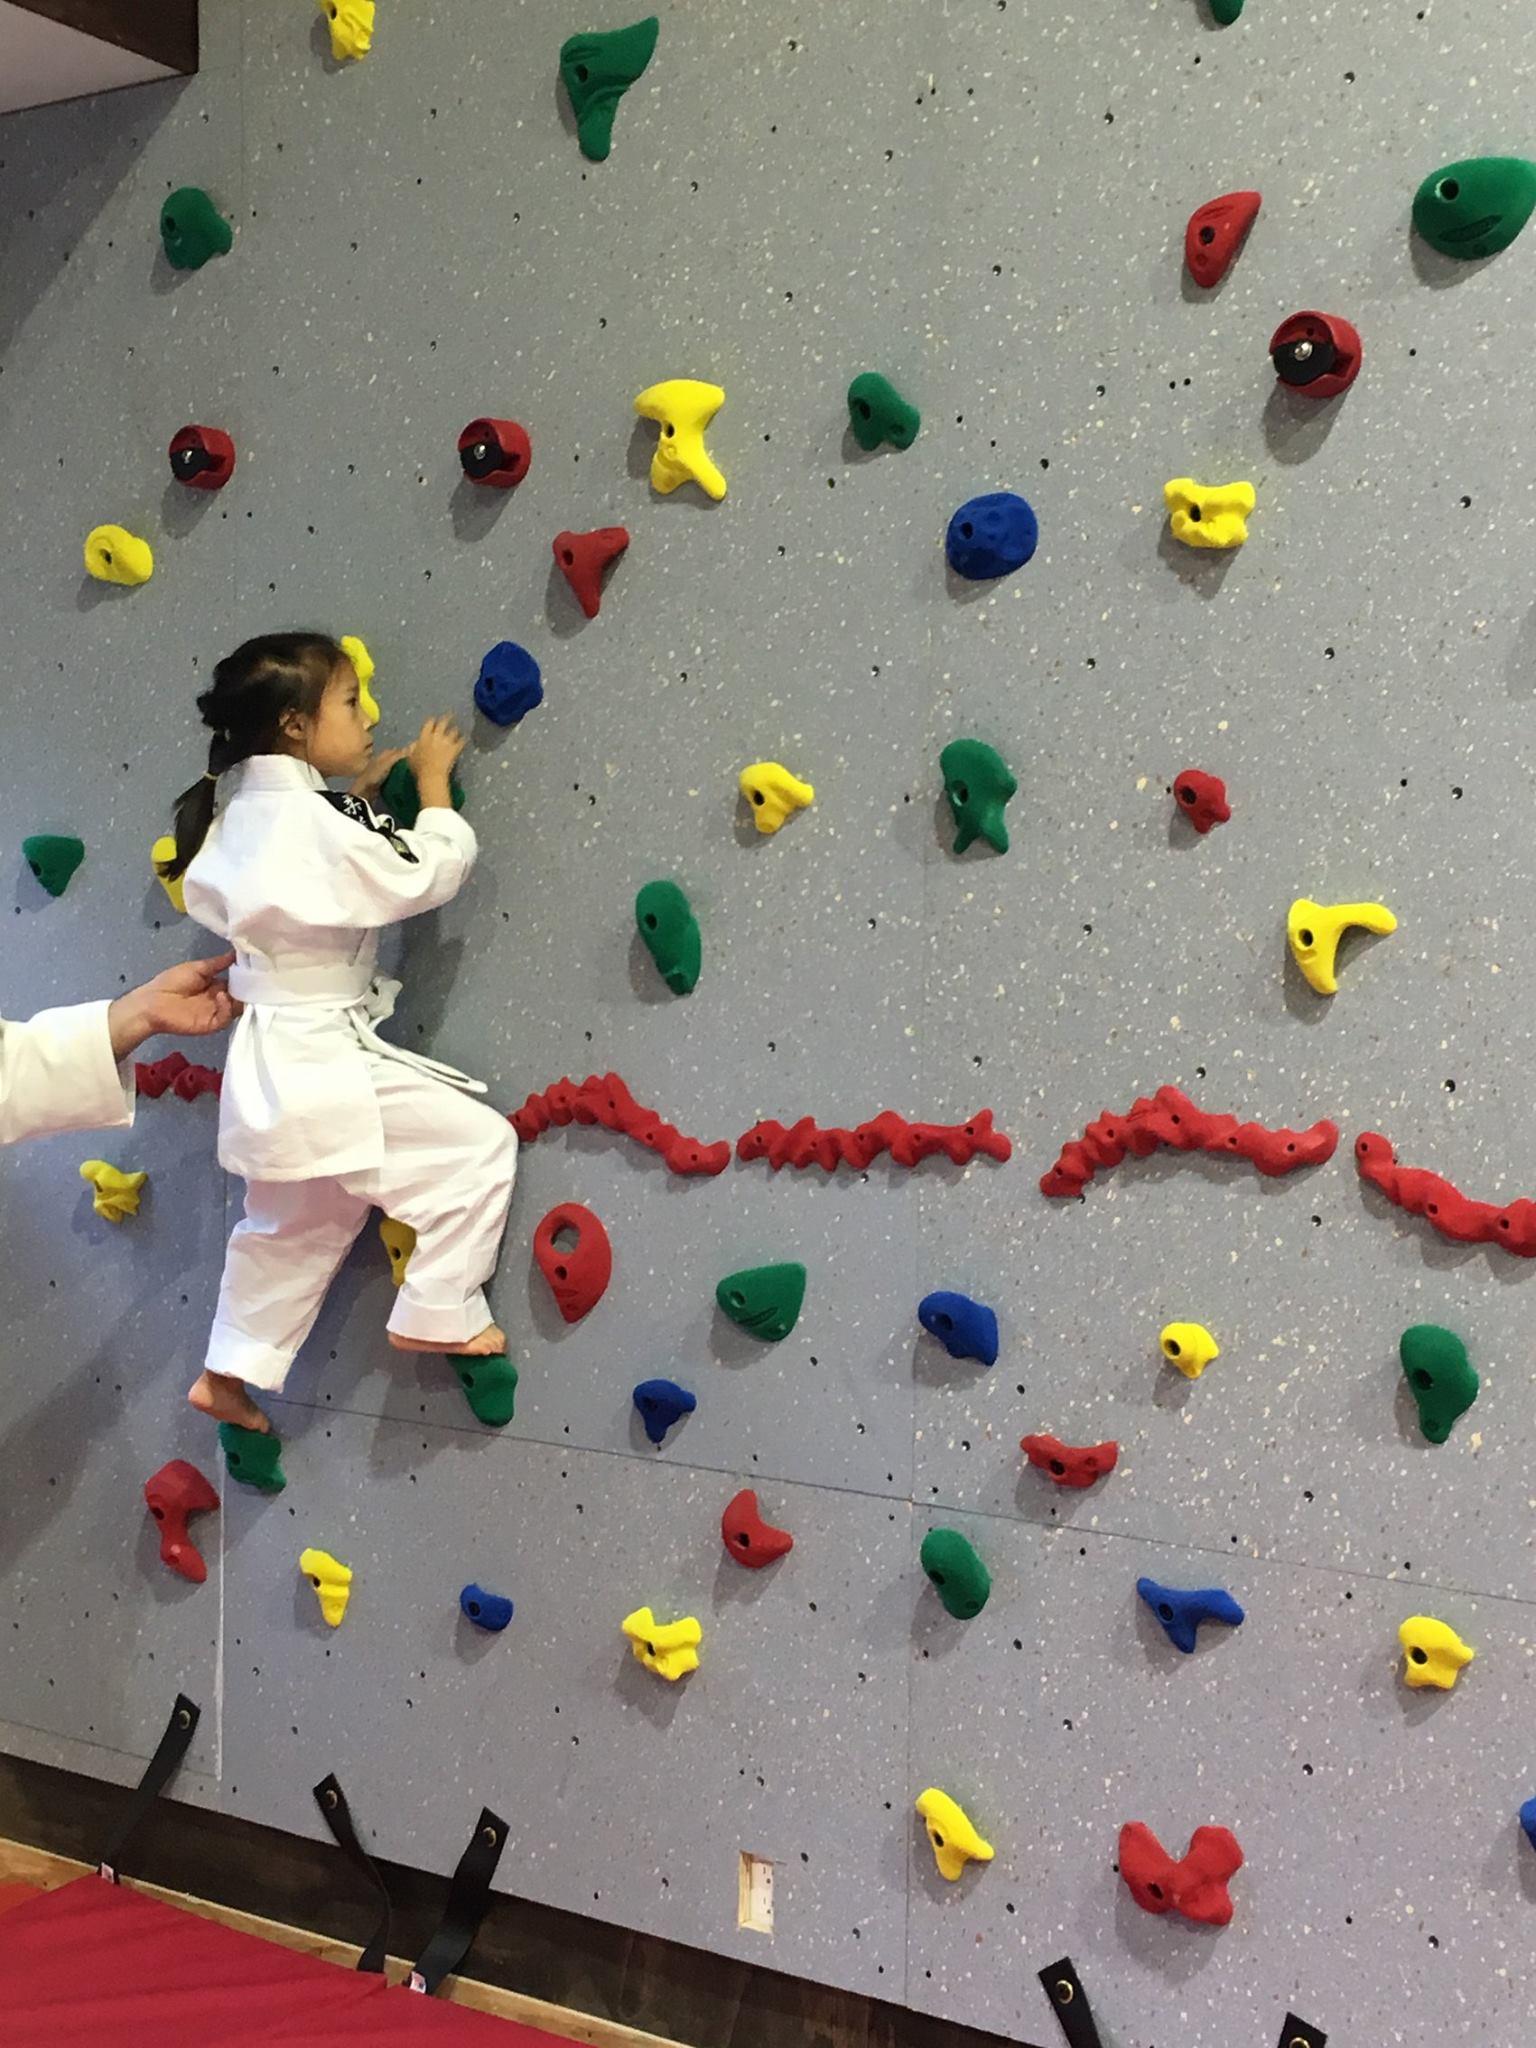 Climbing wall at IJC judo club